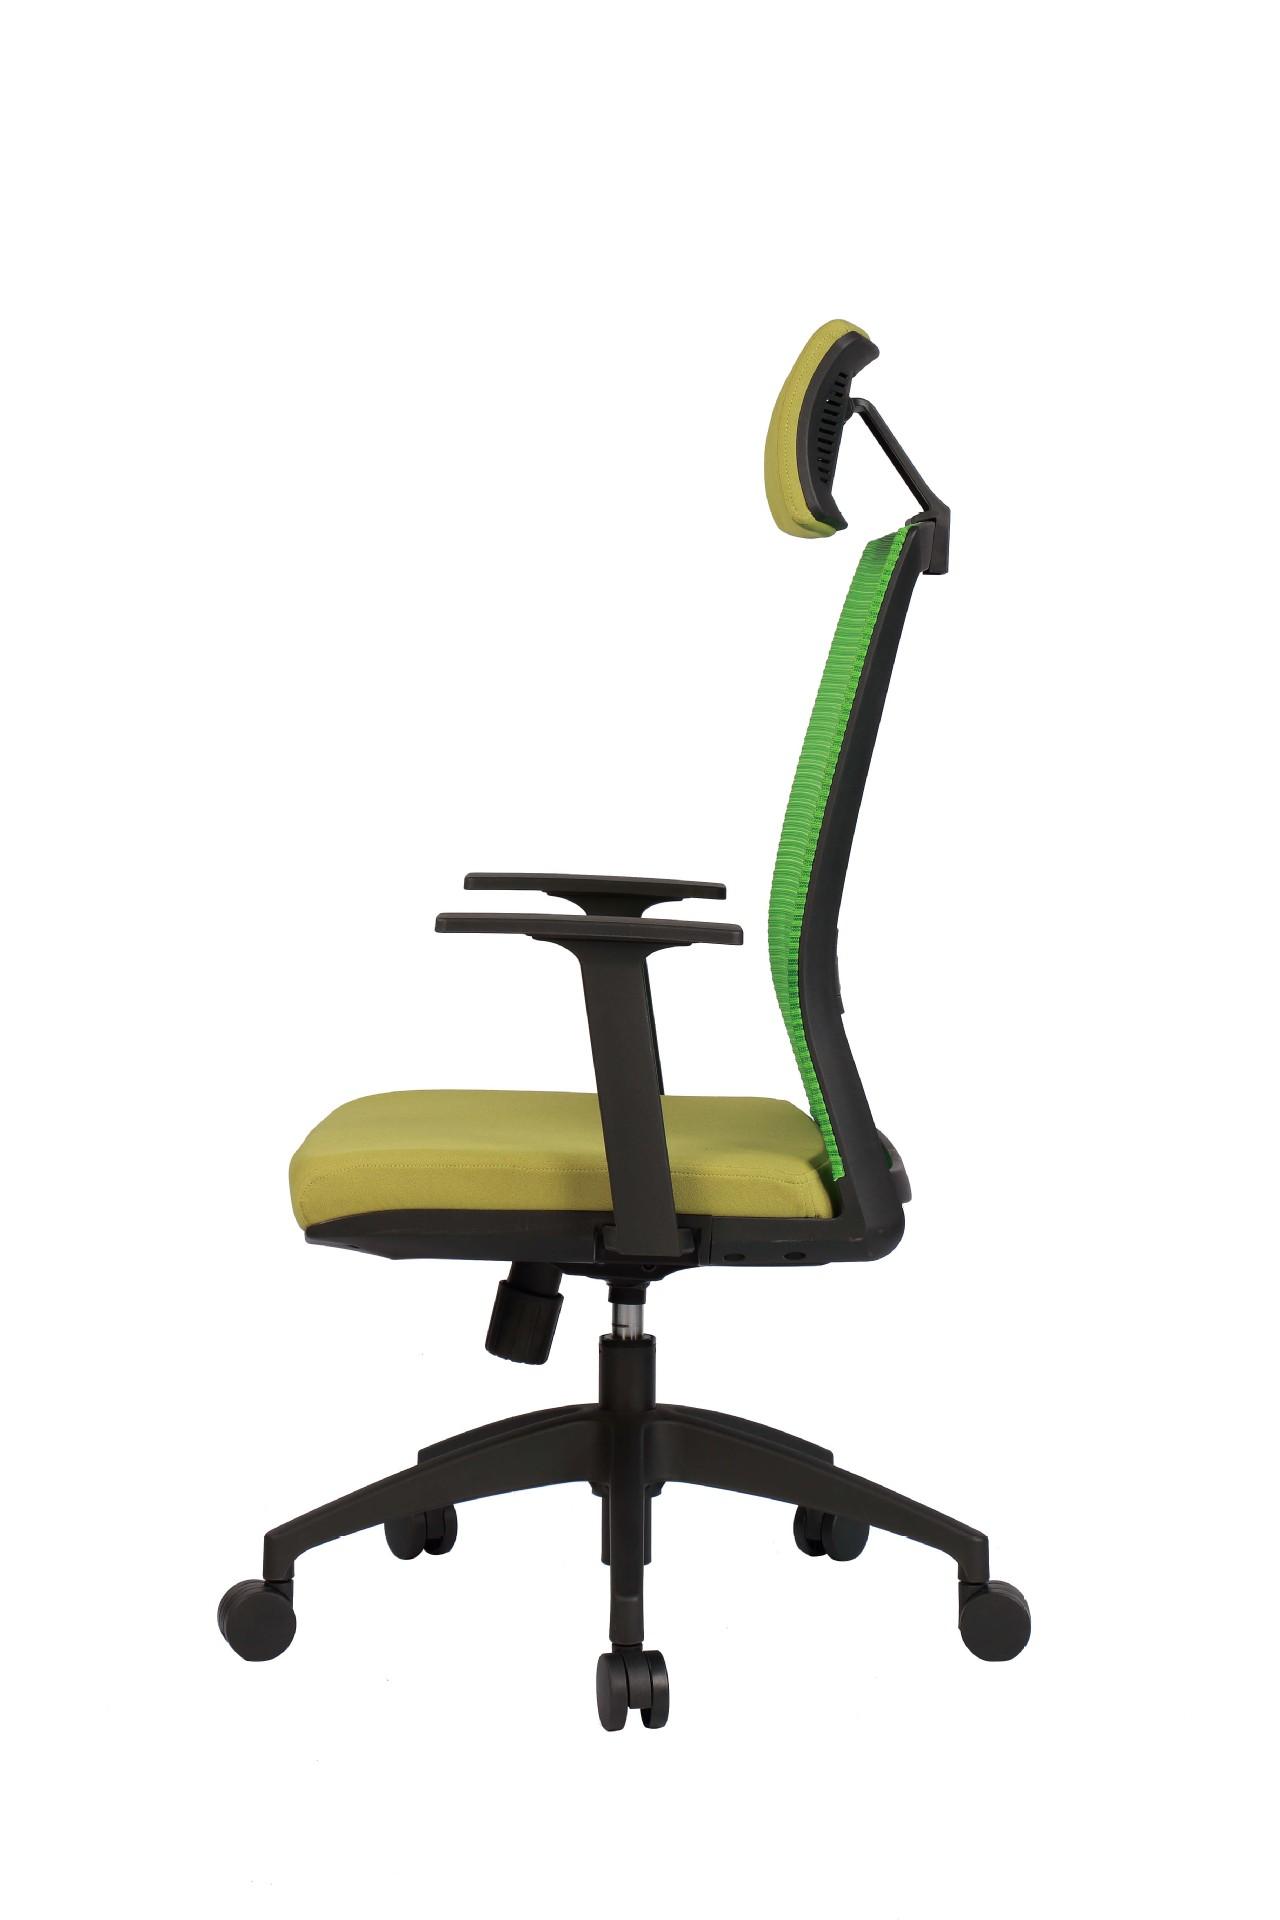 吉林办公家具价格 深圳办公椅图片 大班椅特价促销 大班椅价格